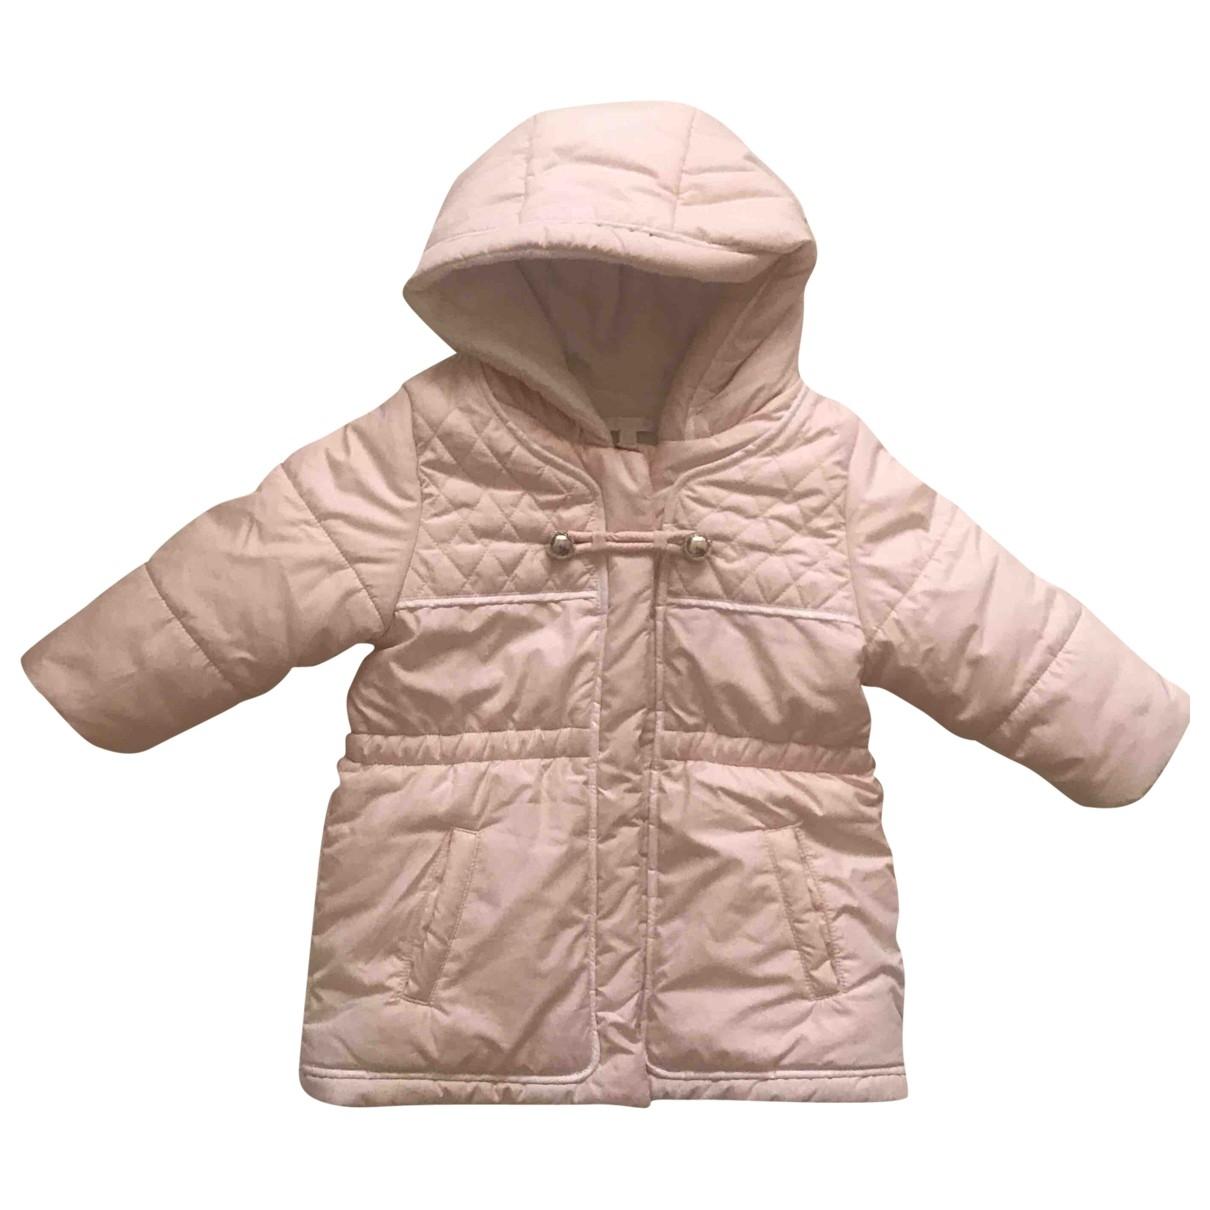 Chloe - Blousons.Manteaux   pour enfant - rose